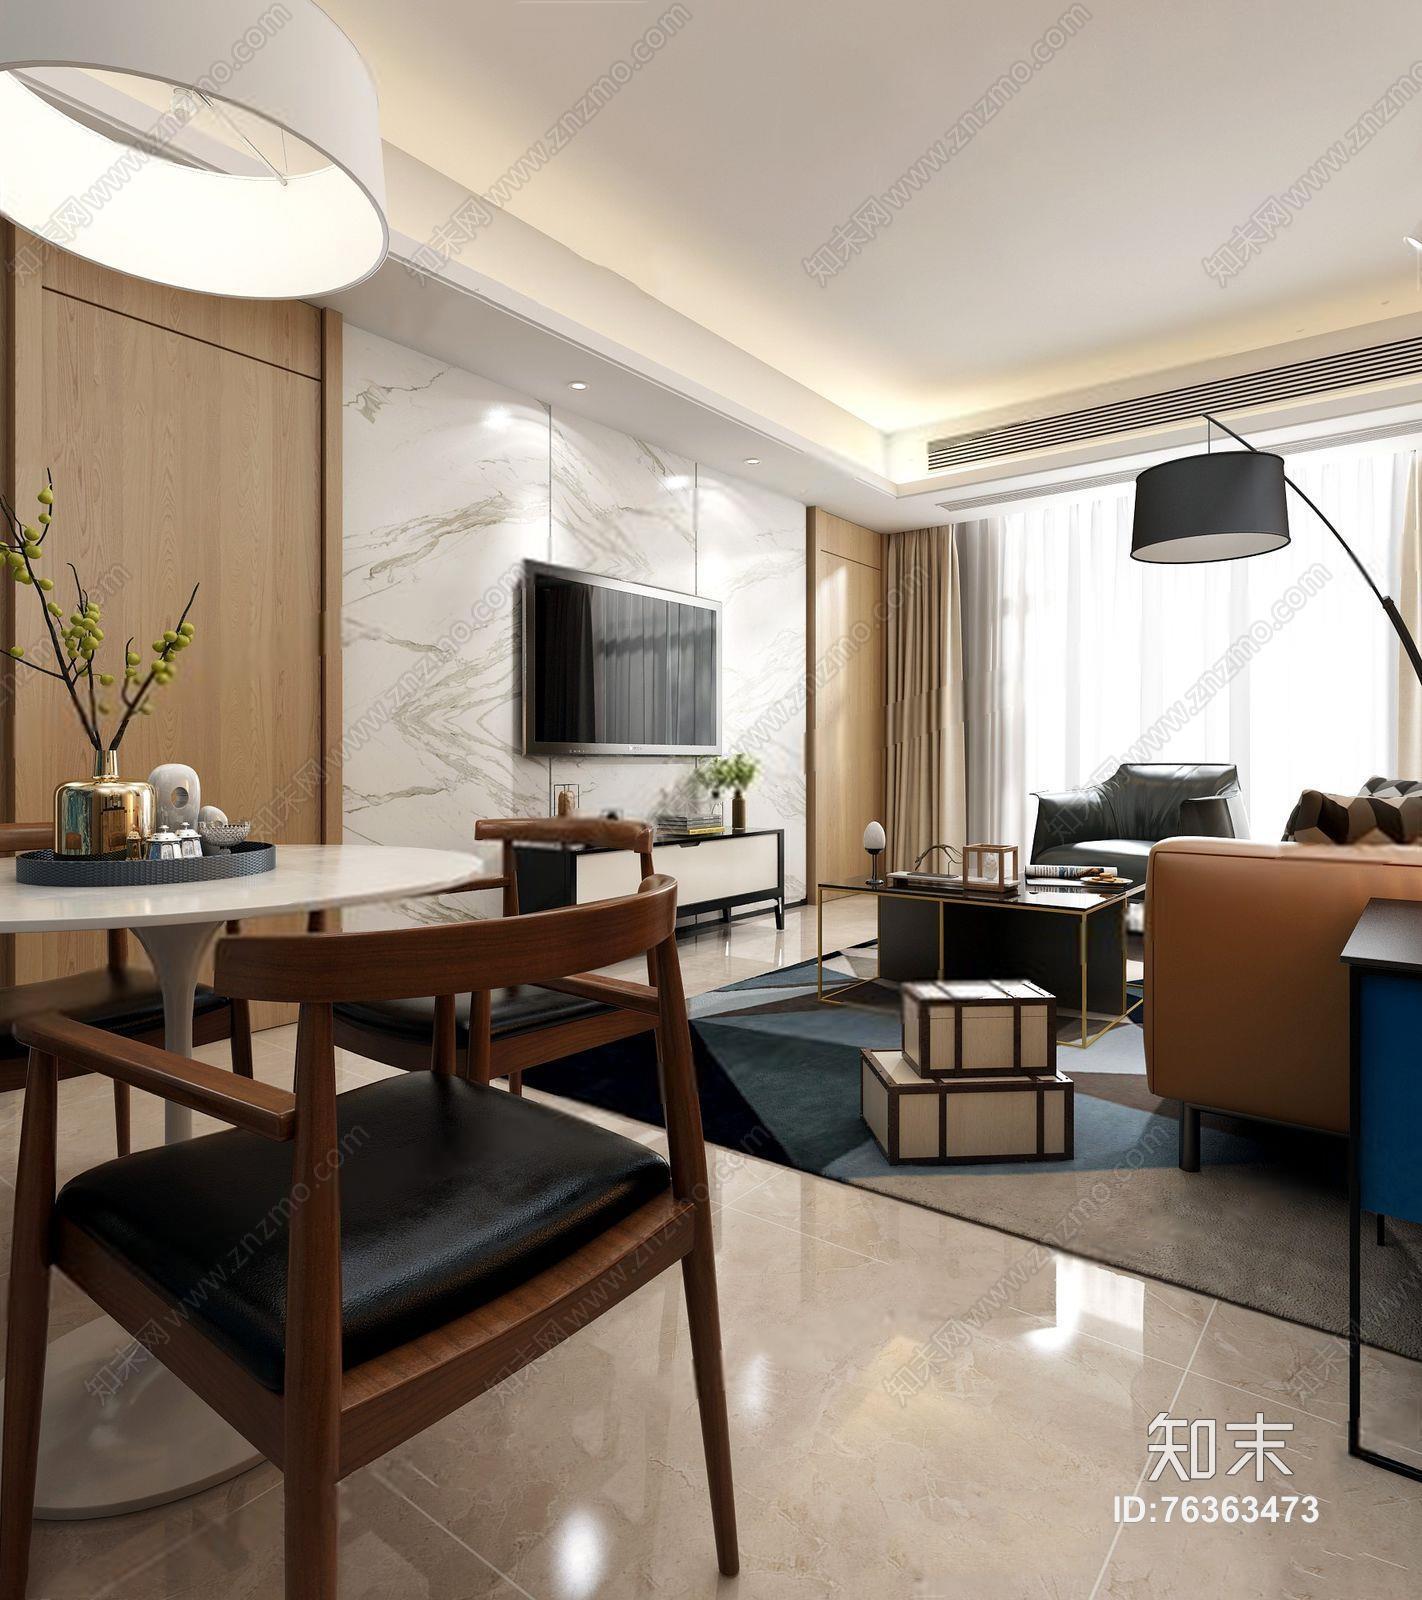 现代客餐厅 现代客厅 多人沙发 茶几 单人沙发 餐桌椅 餐边柜 落地灯 吊灯 台灯 挂画 地毯 摆件